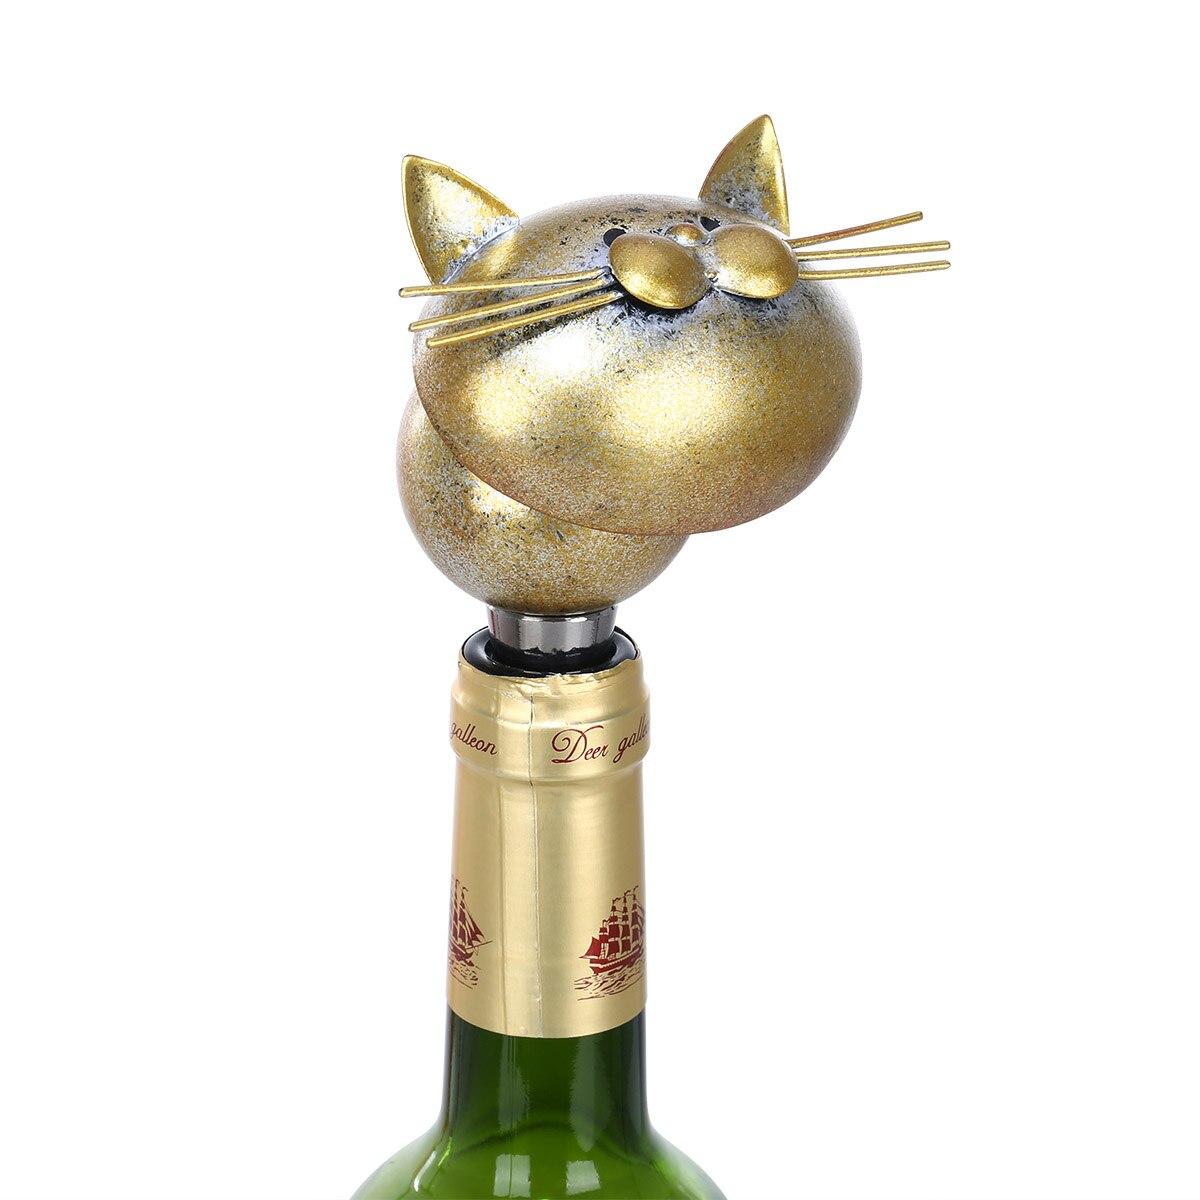 Tooarts bouchon de bouteille de vin en fer   Bouchon de chat, bouchon de bouteille matériel, sceau hermétique décoratif de chat, liège, décoration de vin moderne, décor de cuisine